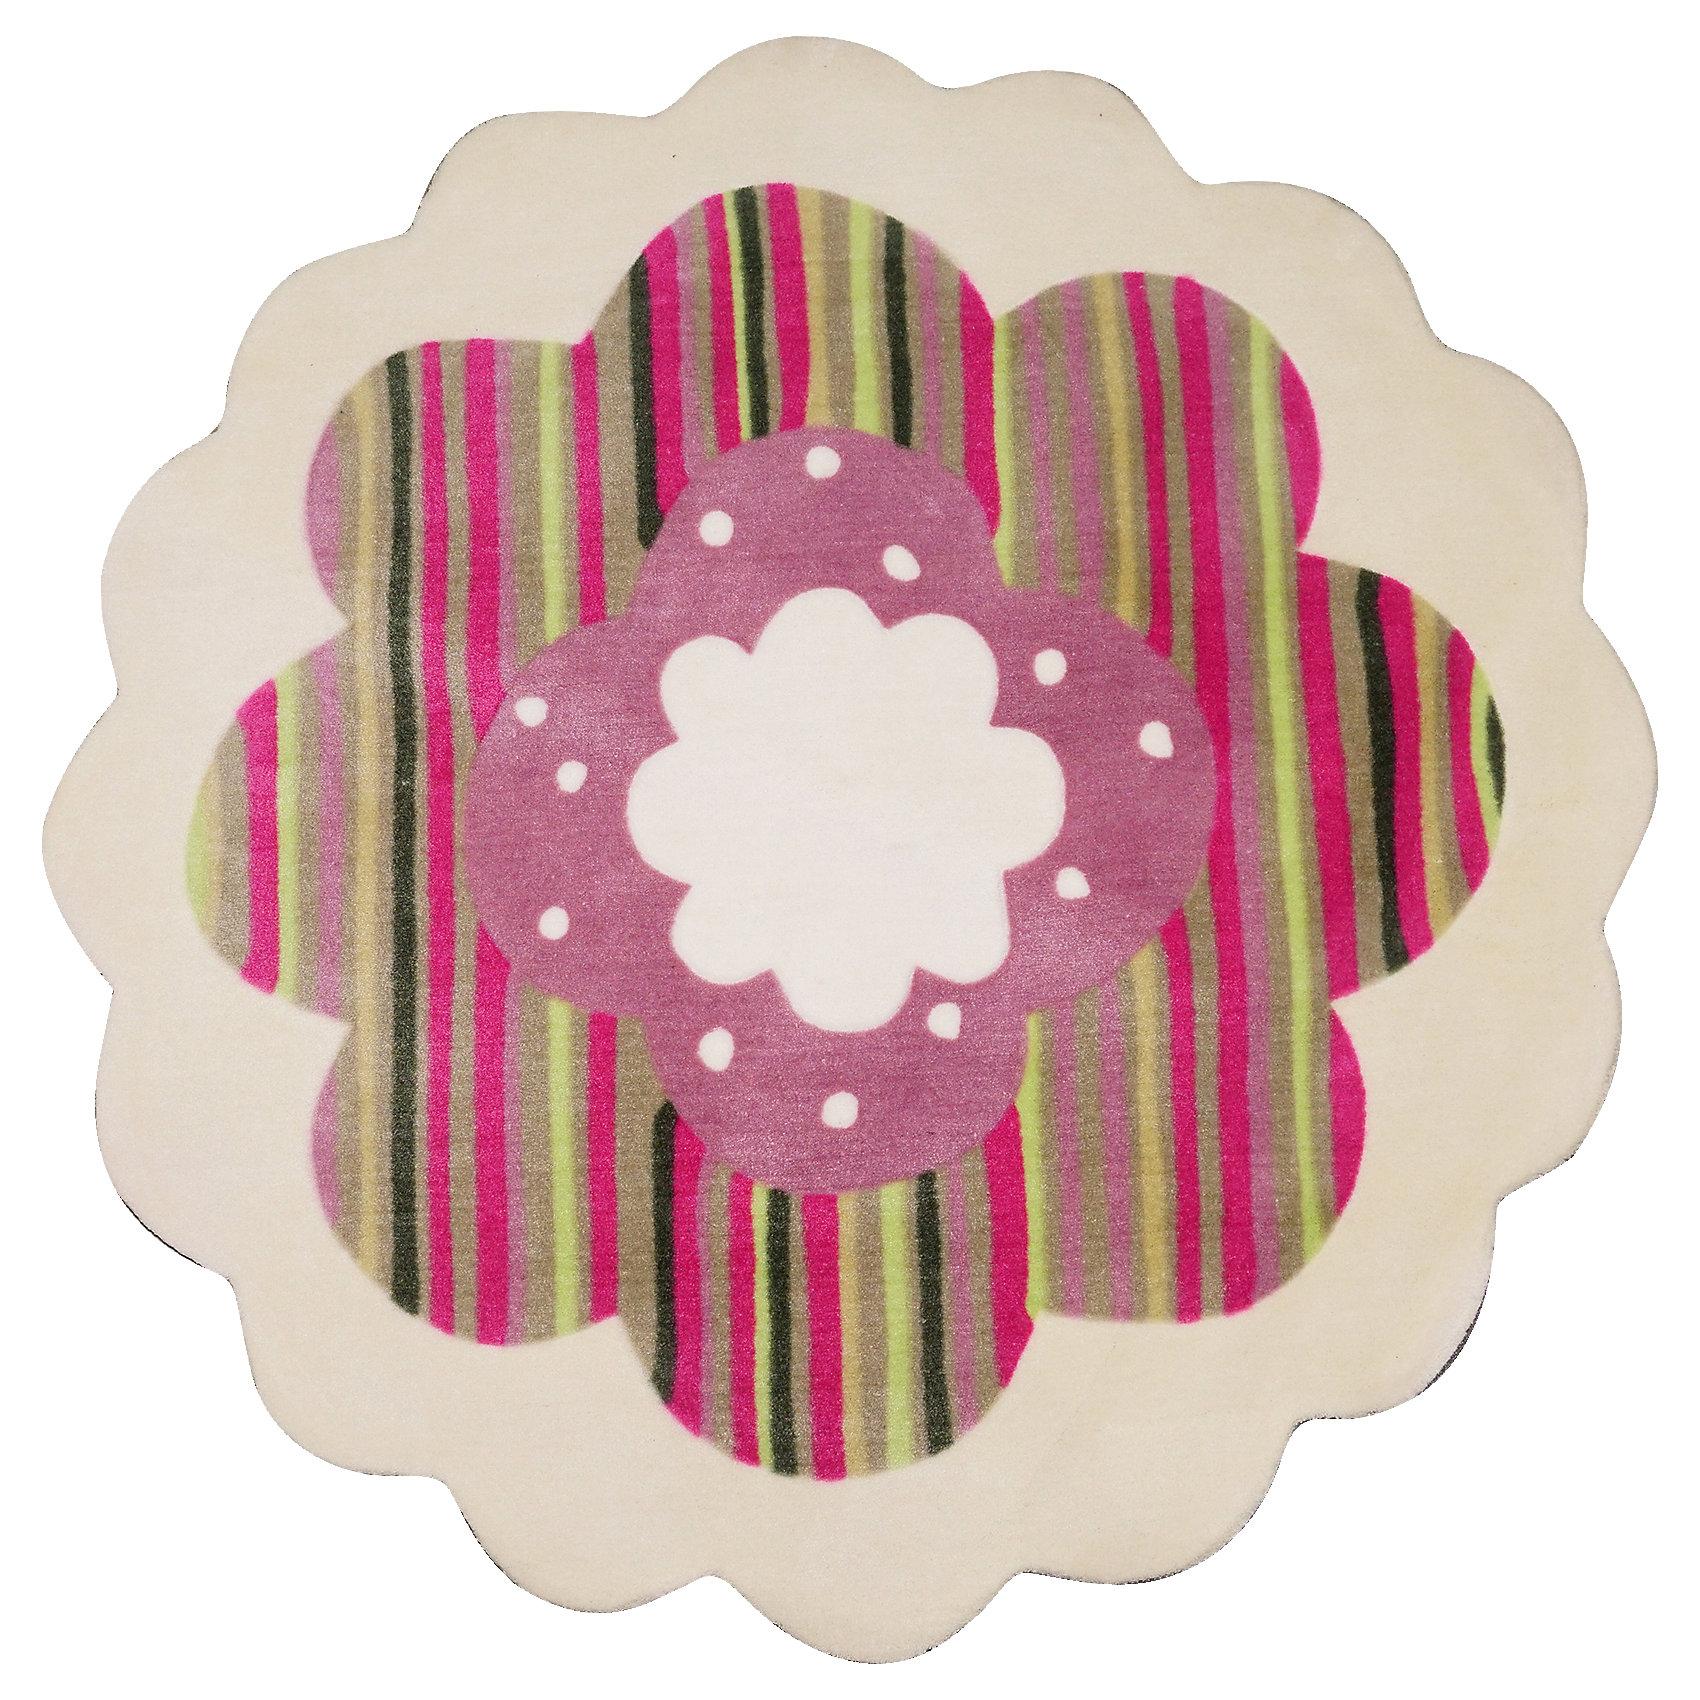 Ковер Ромашка, диаметр 1,2 мКовер, выполненный в виде розового в полоску цветка, прекрасно впишется в интерьер детской и приведет в восторг любого ребенка. Ковер изготовлен из акриловой пряжи, он очень мягкий на ощупь, гипоаллергенный, легко чистится, мало весит, прекрасно сохраняет тепло. Края изделия аккуратно и надежно обработаны. Подложка выполнена из текстильного материала - полихлопка (хлопок и полиэстер в соотношении 80/20). Полихлопок обладает высокой степенью износостойкости и в то же время достаточно мягок, чтобы не наносить повреждения на ламинированные и паркетные полы.<br><br>Дополнительная информация:<br><br>- Материал: акрил, полихлопок. <br>- Размер: d - 1,2.<br>- Цвет: розовый, белый.<br>- Отличная теплопроводность. <br>- Антистатичность. <br>- Цветостойкость: долго сохраняет яркость цвета. <br><br>Ковер Ромашка, диаметр 1,2 м, можно купить в нашем магазине.<br><br>Ширина мм: 1200<br>Глубина мм: 120<br>Высота мм: 120<br>Вес г: 2680<br>Возраст от месяцев: -2147483648<br>Возраст до месяцев: 2147483647<br>Пол: Женский<br>Возраст: Детский<br>SKU: 4537010